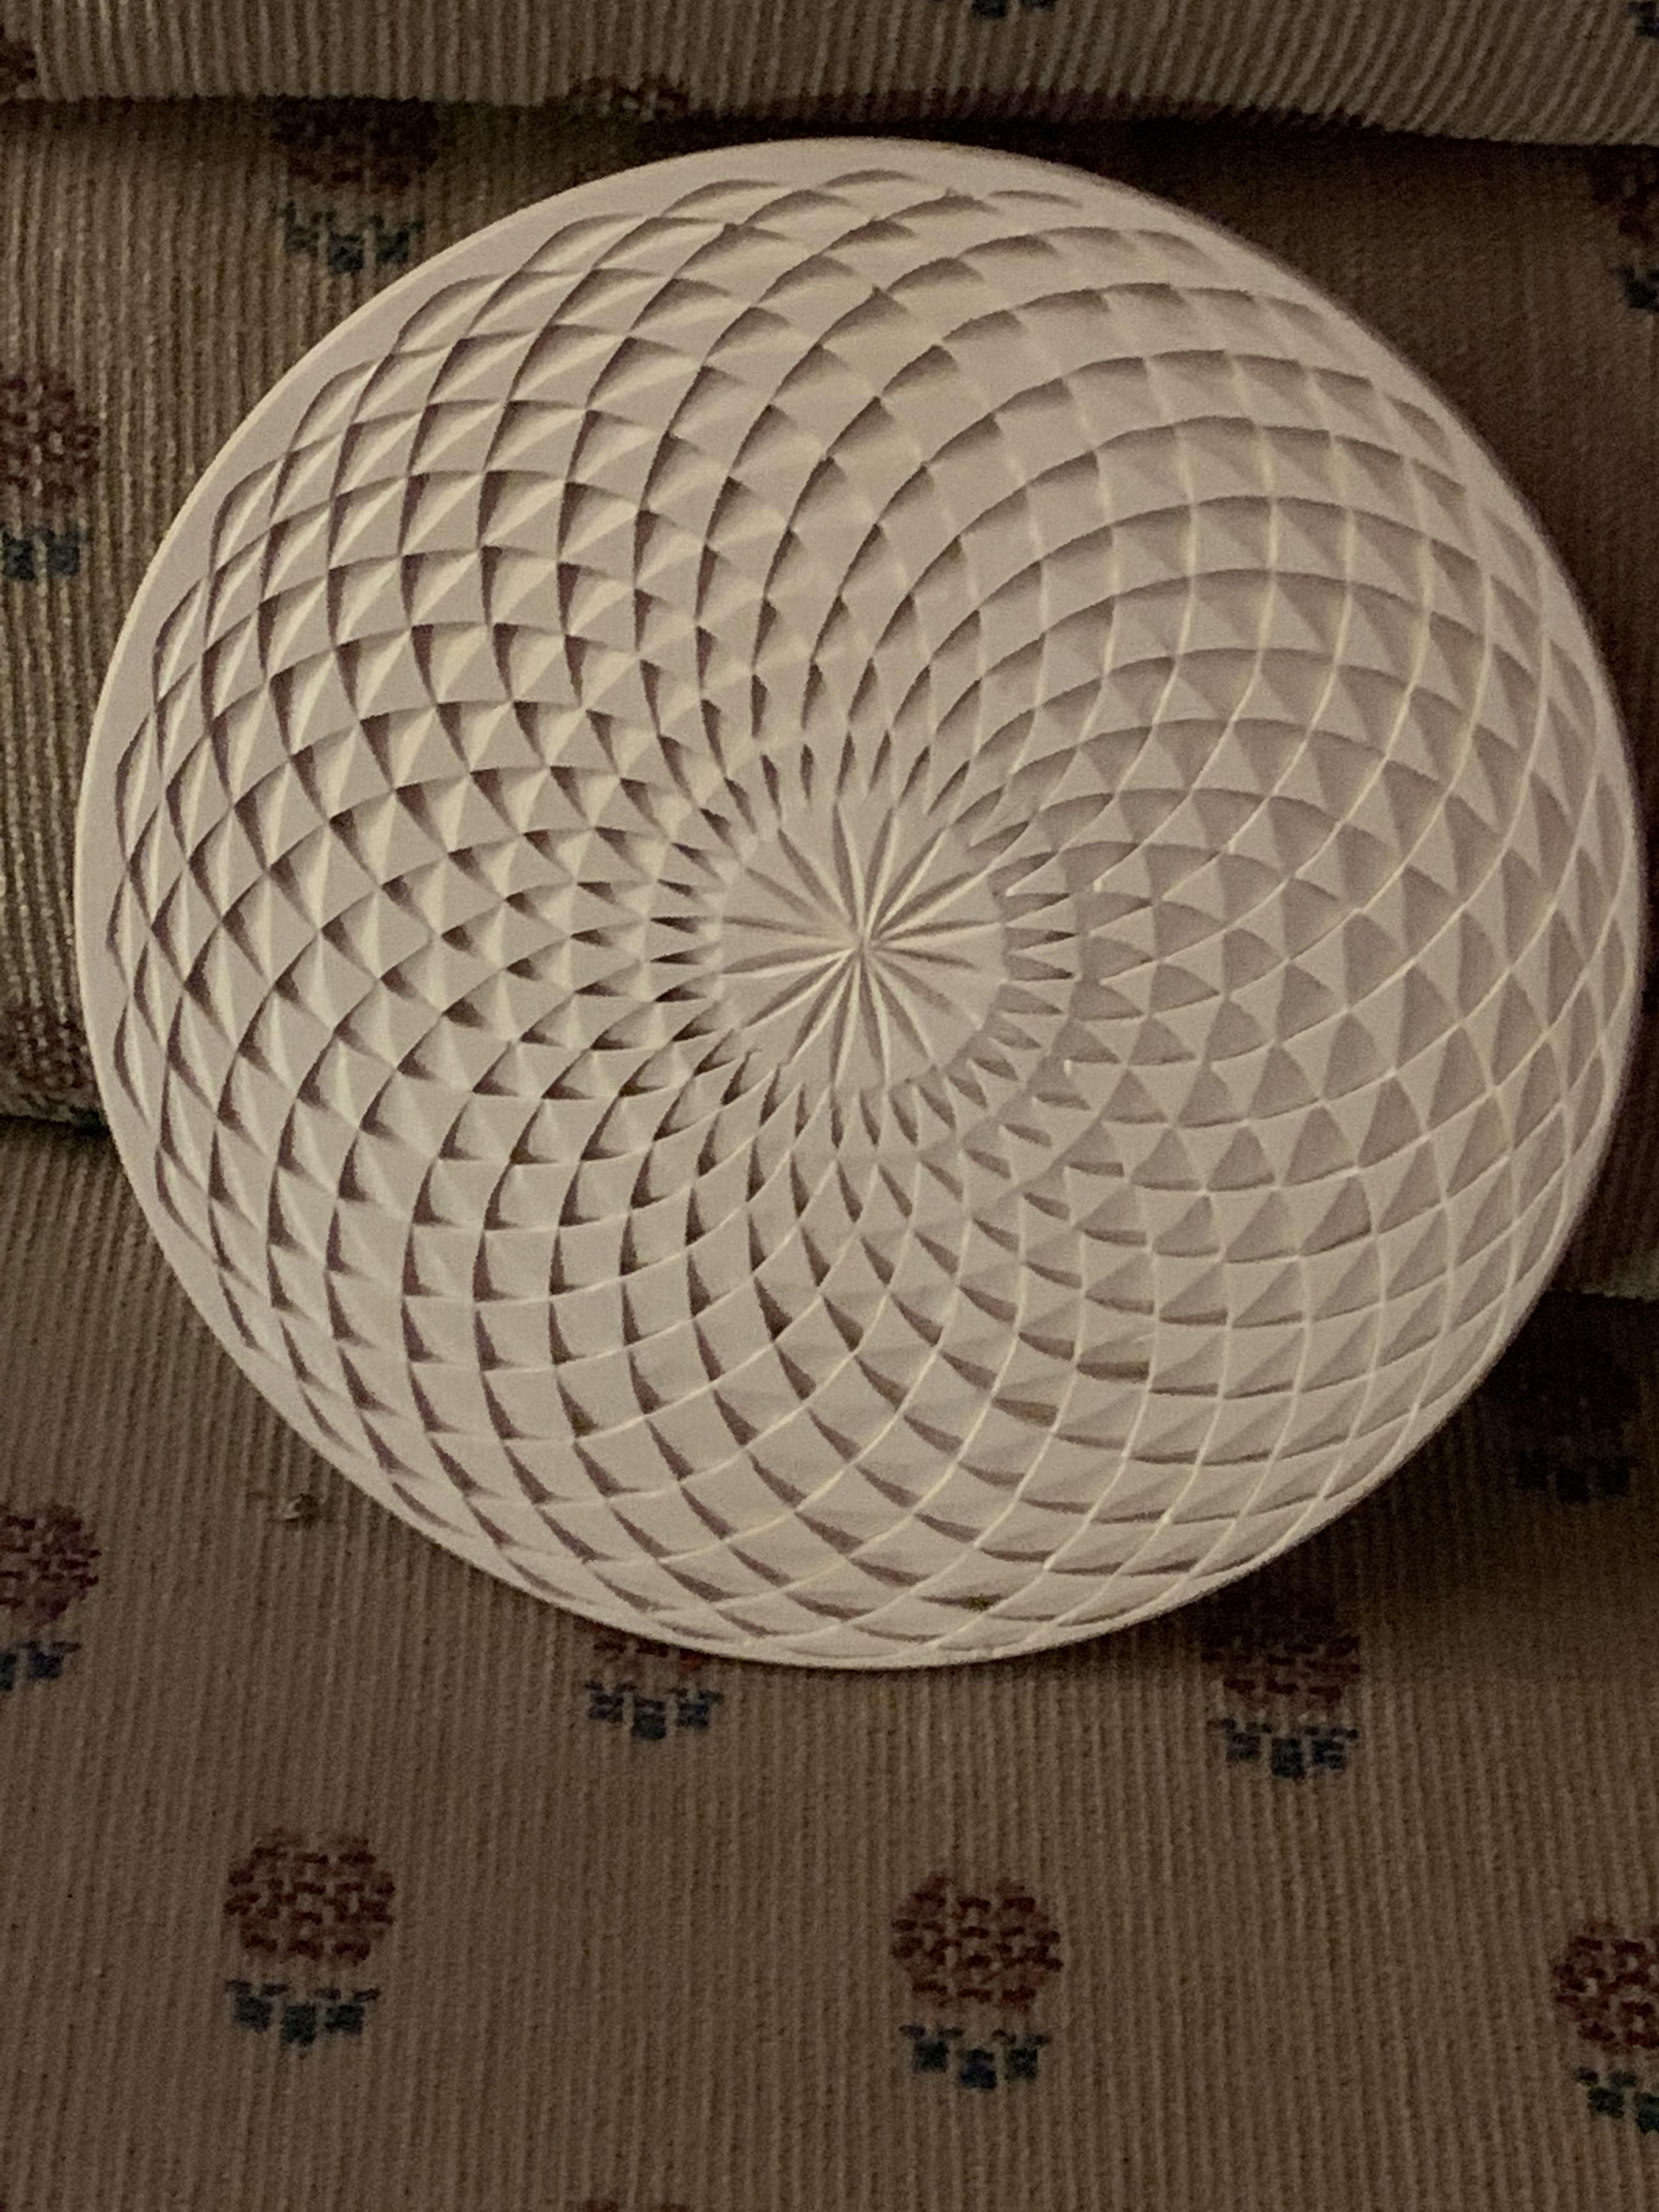 Optical illusion plate